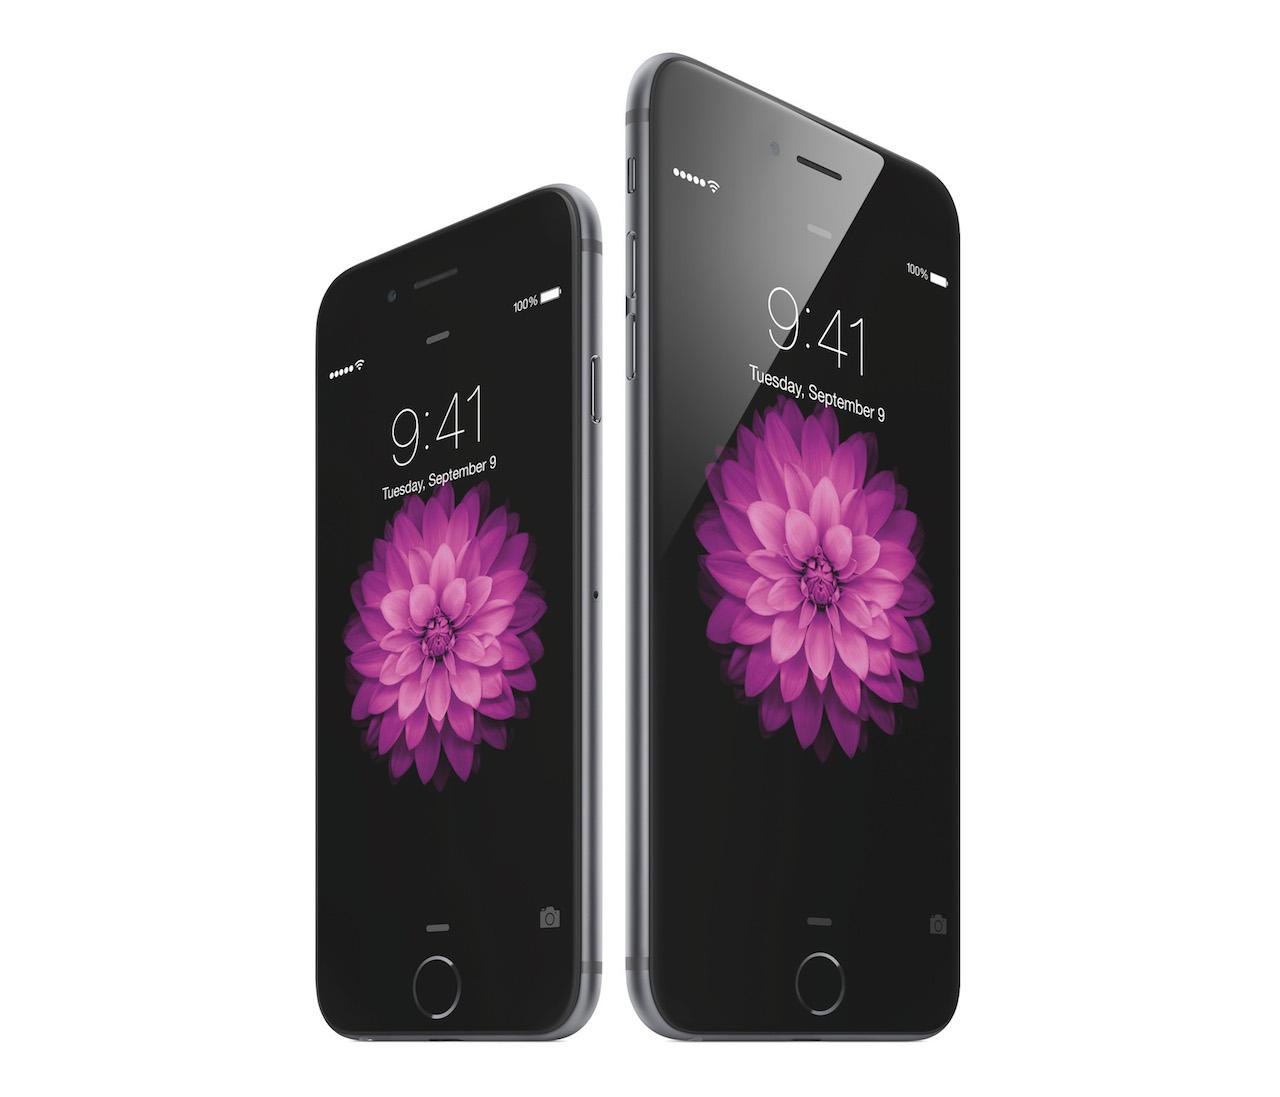 iPhone 6の価格がついに発表!各社の料金まとめて比較しました!